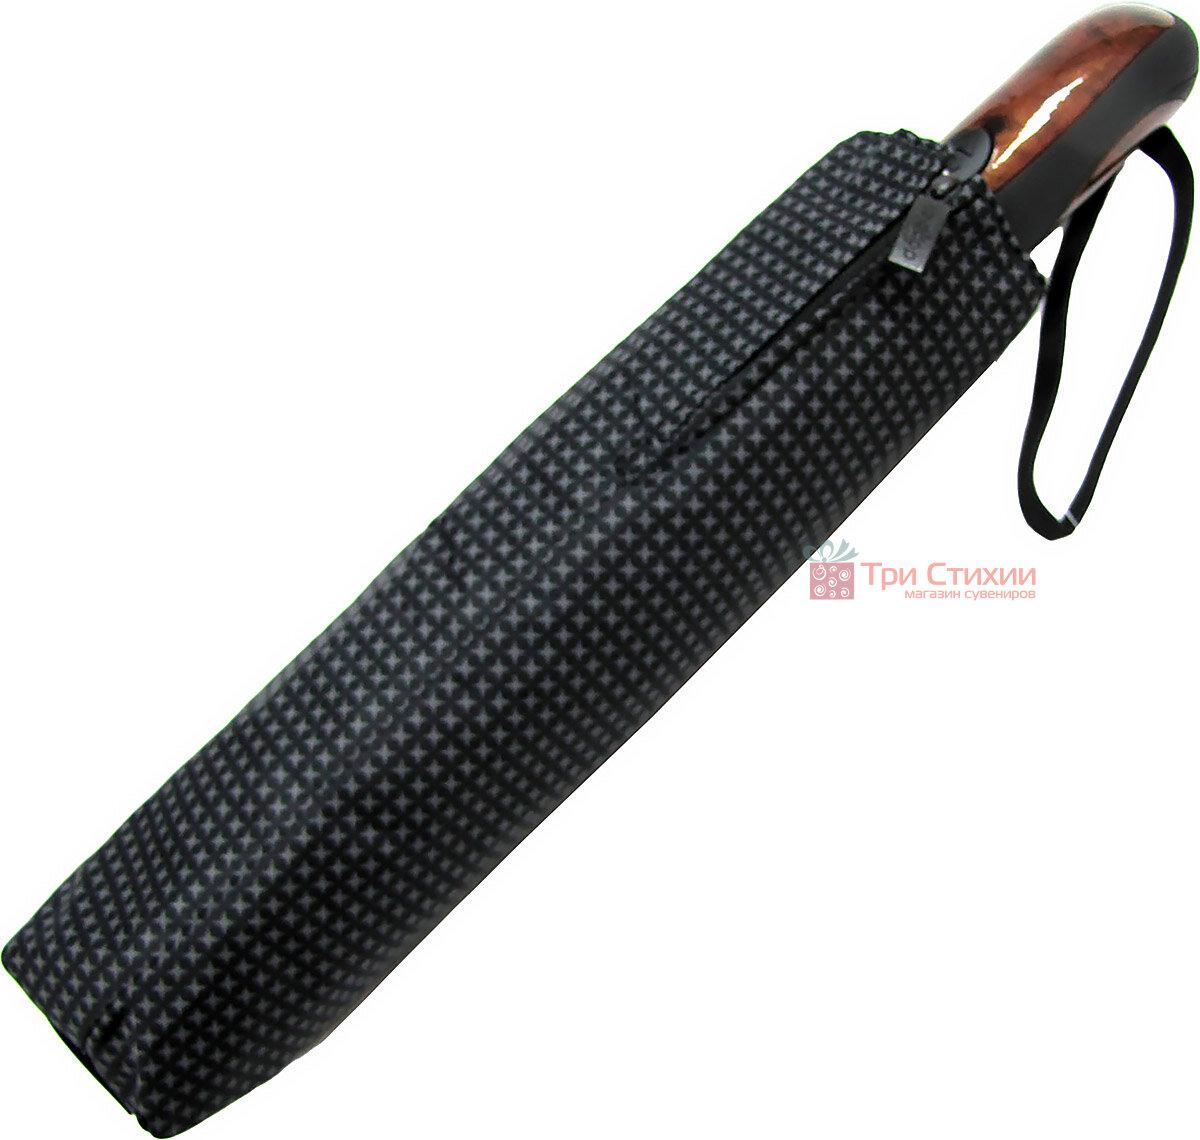 Зонт складной Doppler XM 74367N-1 полный автомат Крест, фото 5